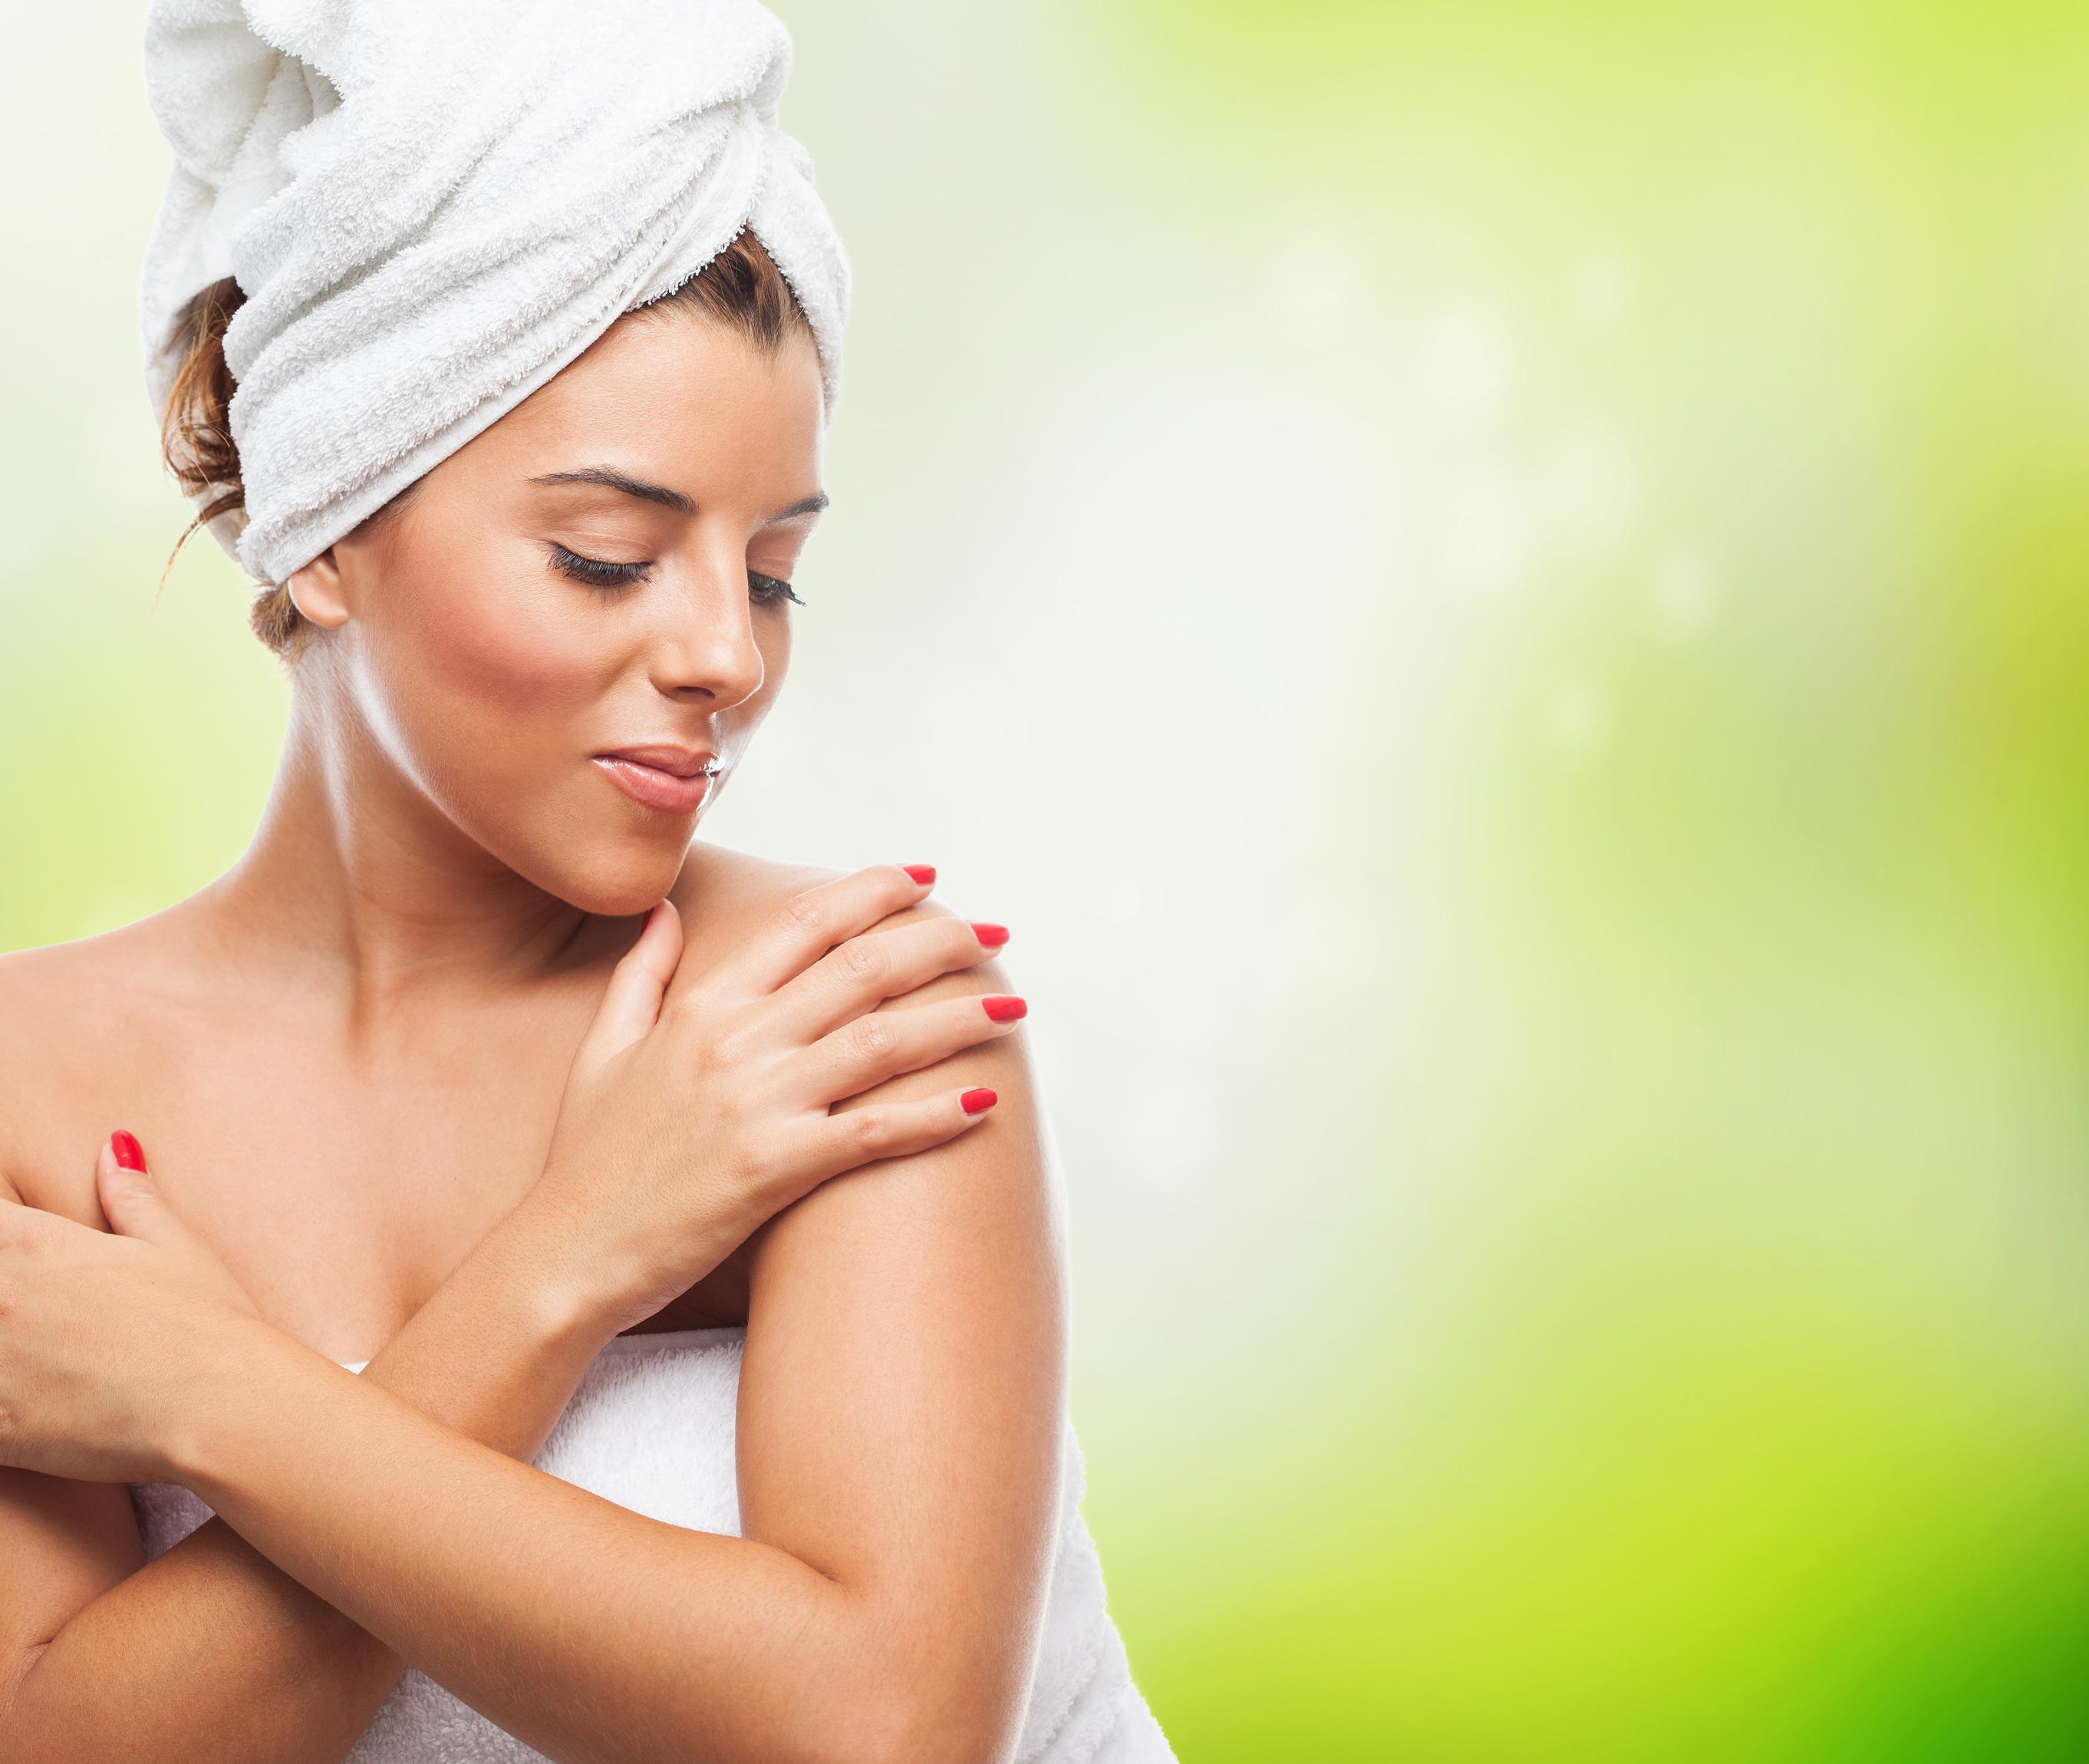 Desodorante antitranspirante causa câncer de mama?